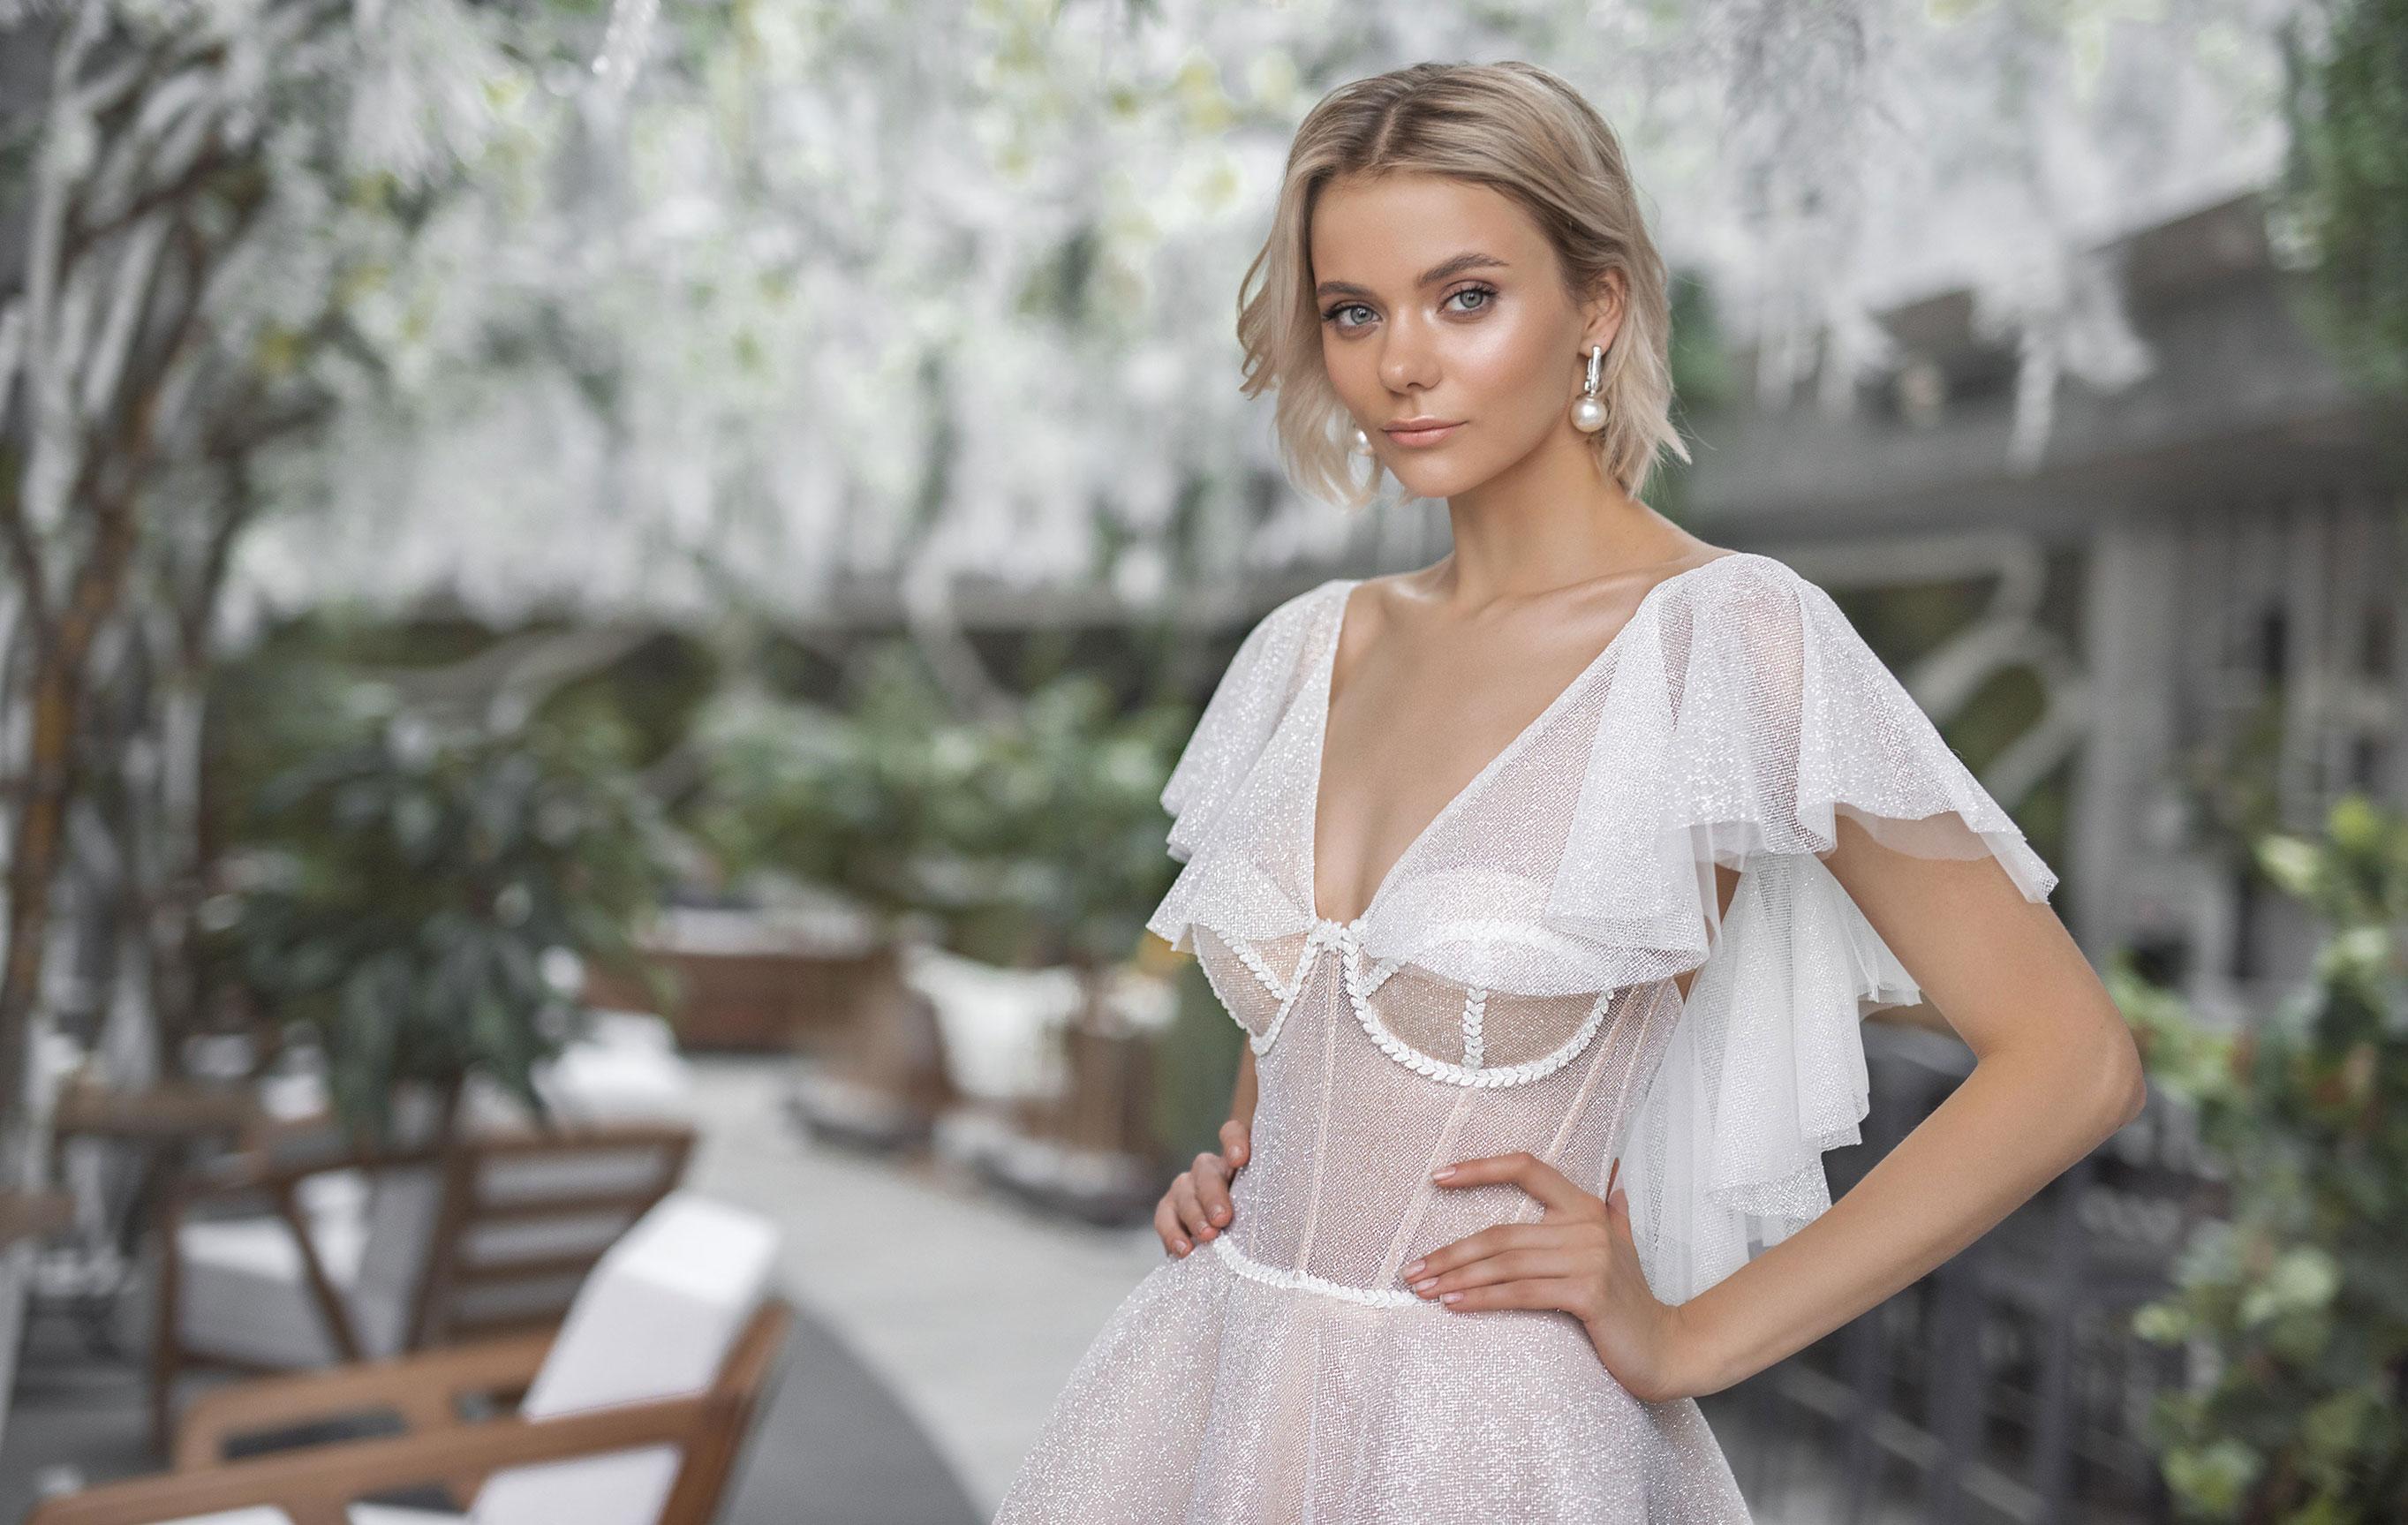 Полина Архипова в свадебных платьях модного бренда Strekoza, весна-лето 2019 / фото 01